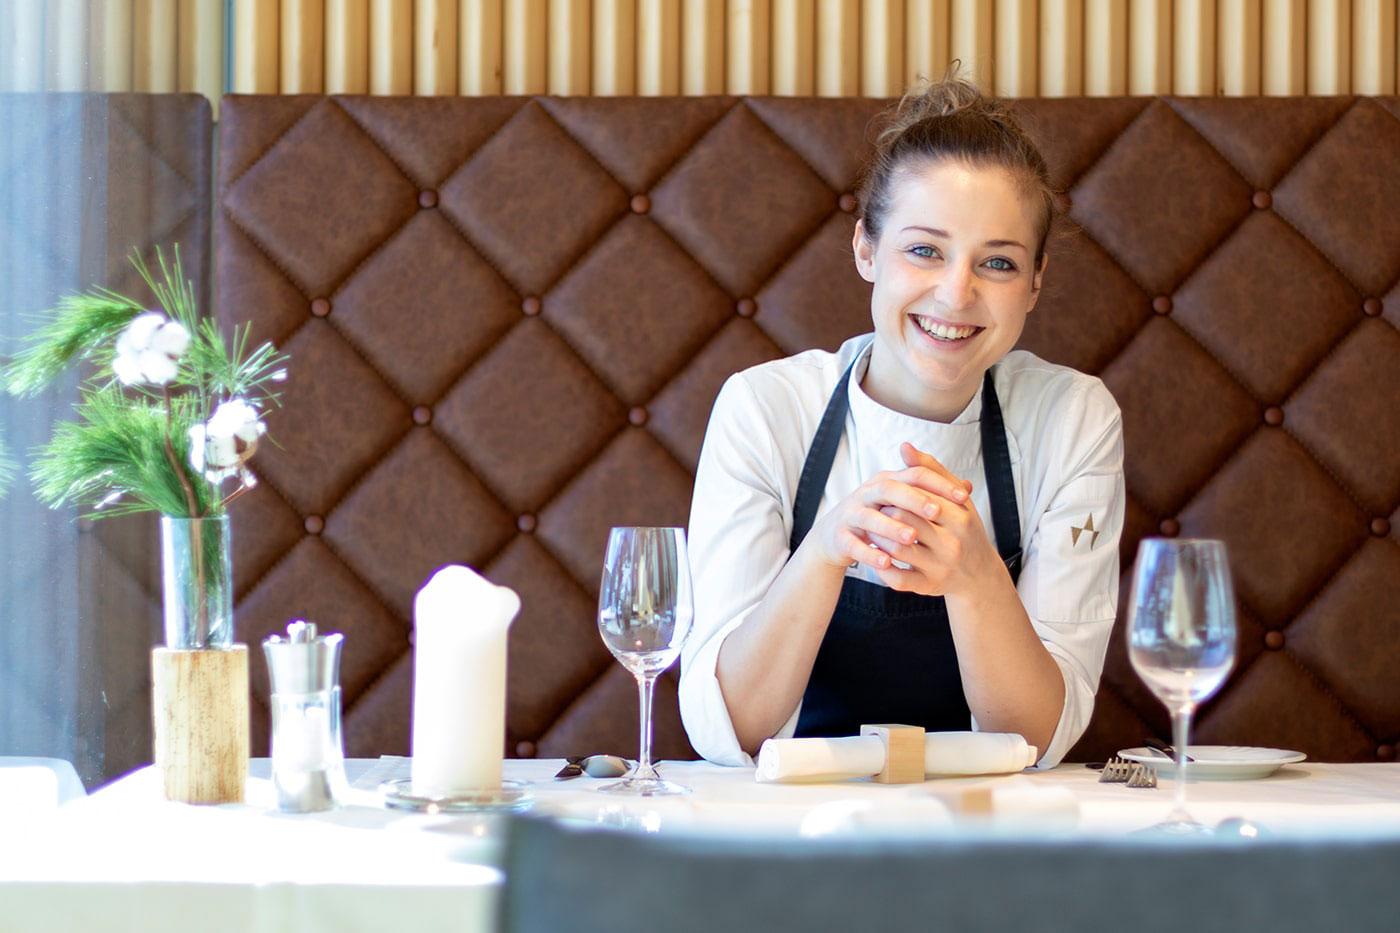 Köchin Verena Ganzer im Restaurant Inside